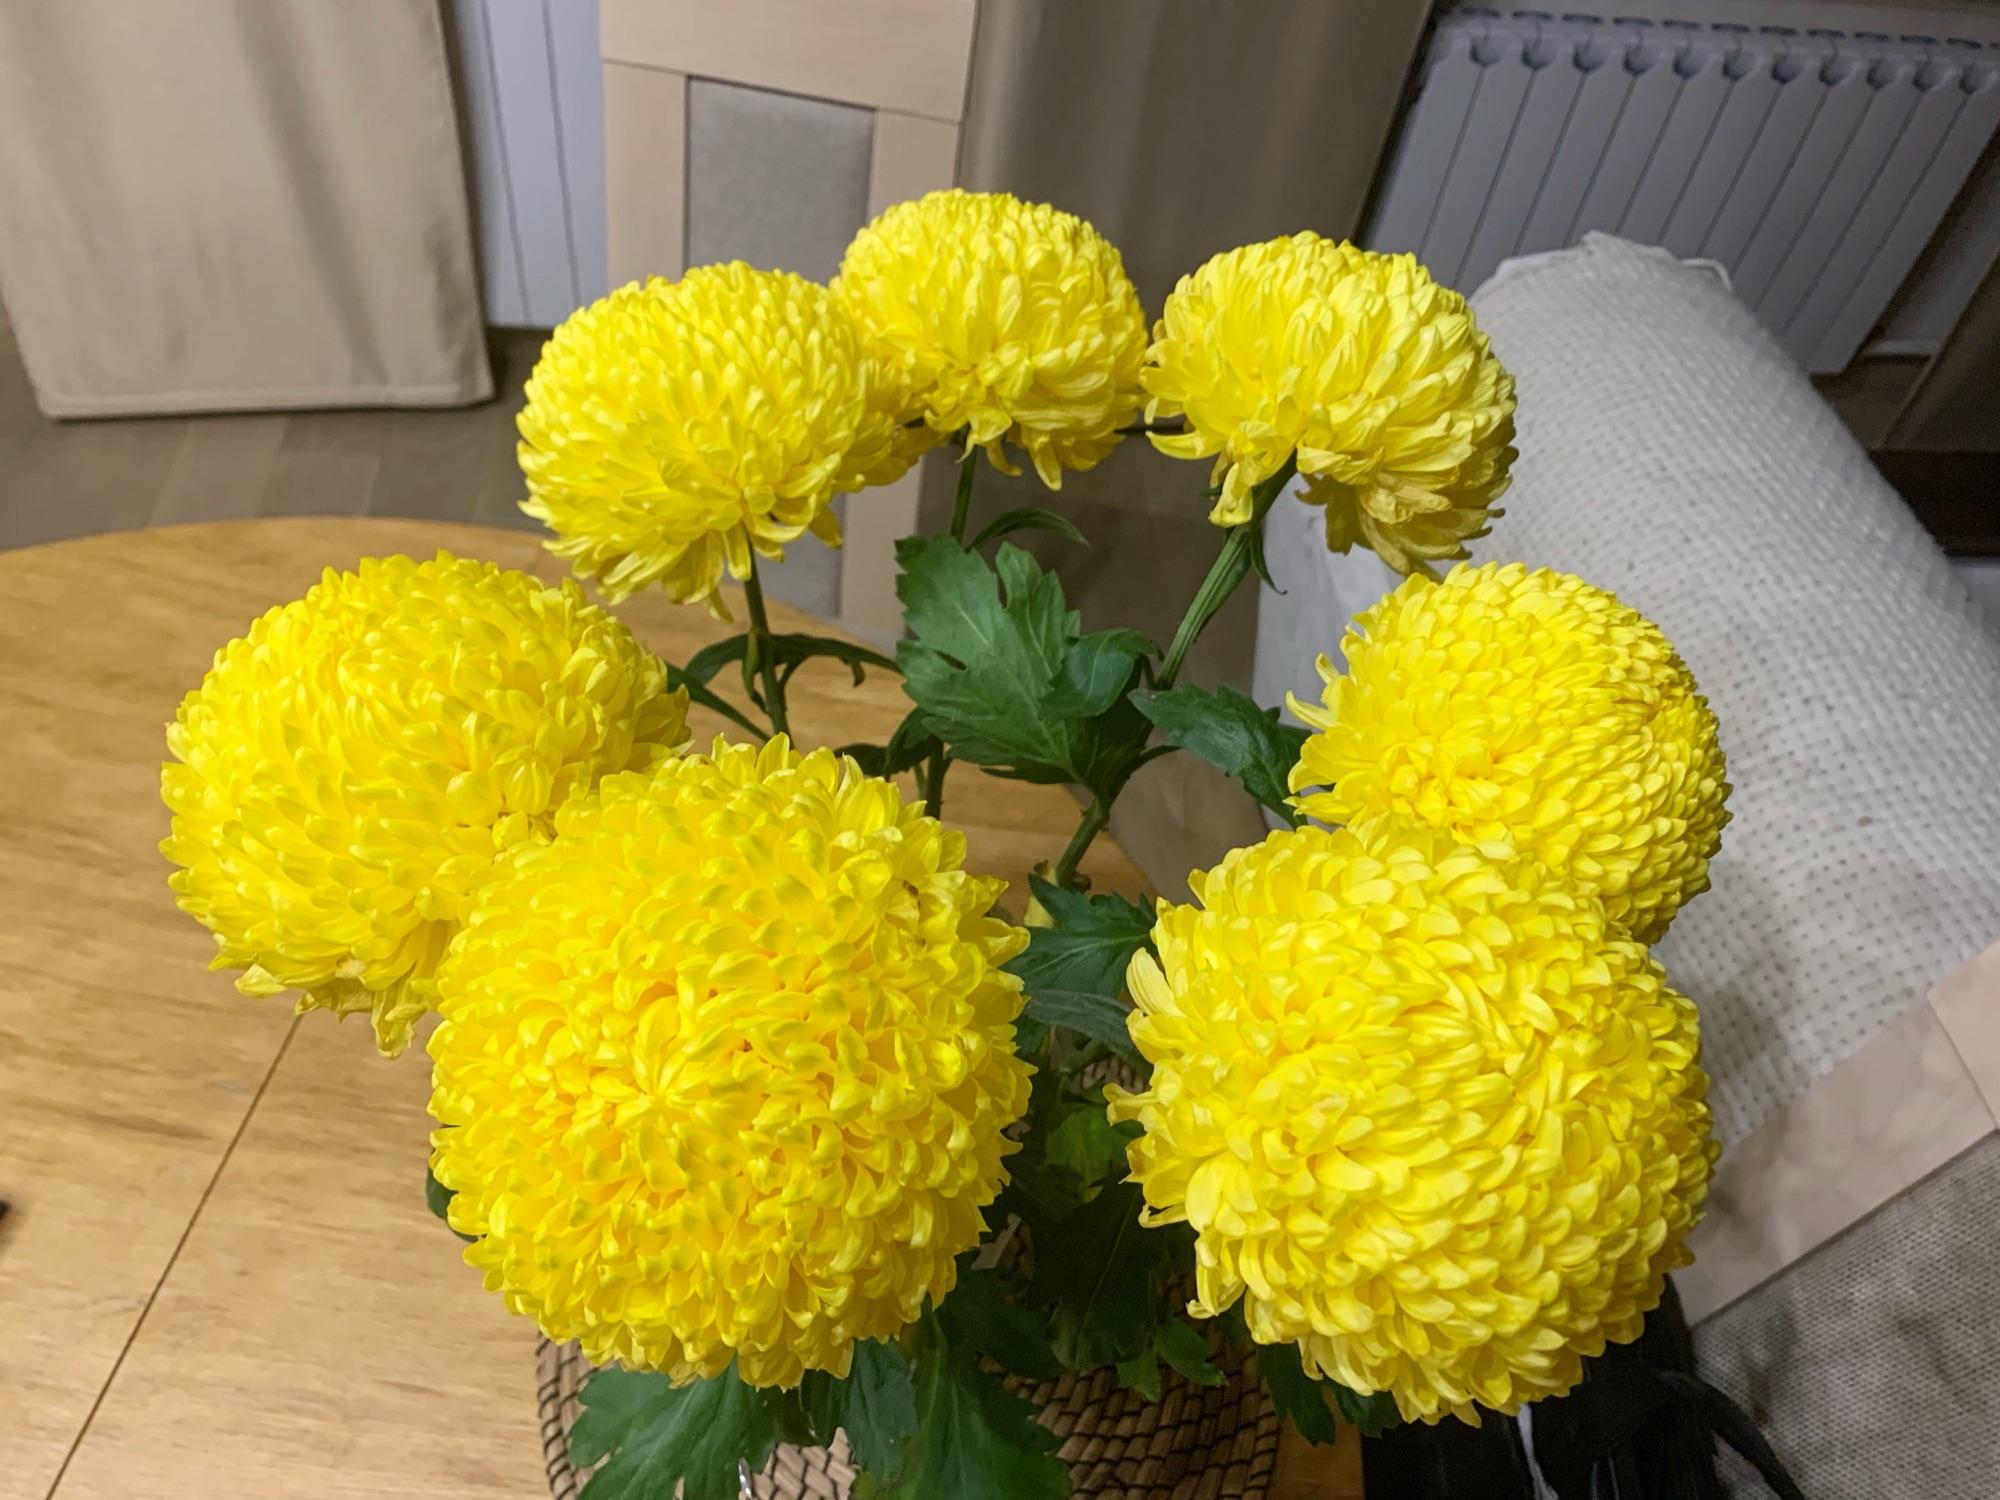 Хризантемы стоят уже третью неделю и прекрасно выглядят. Хотела написать что пахнут, но запахи пока не все вернулись.